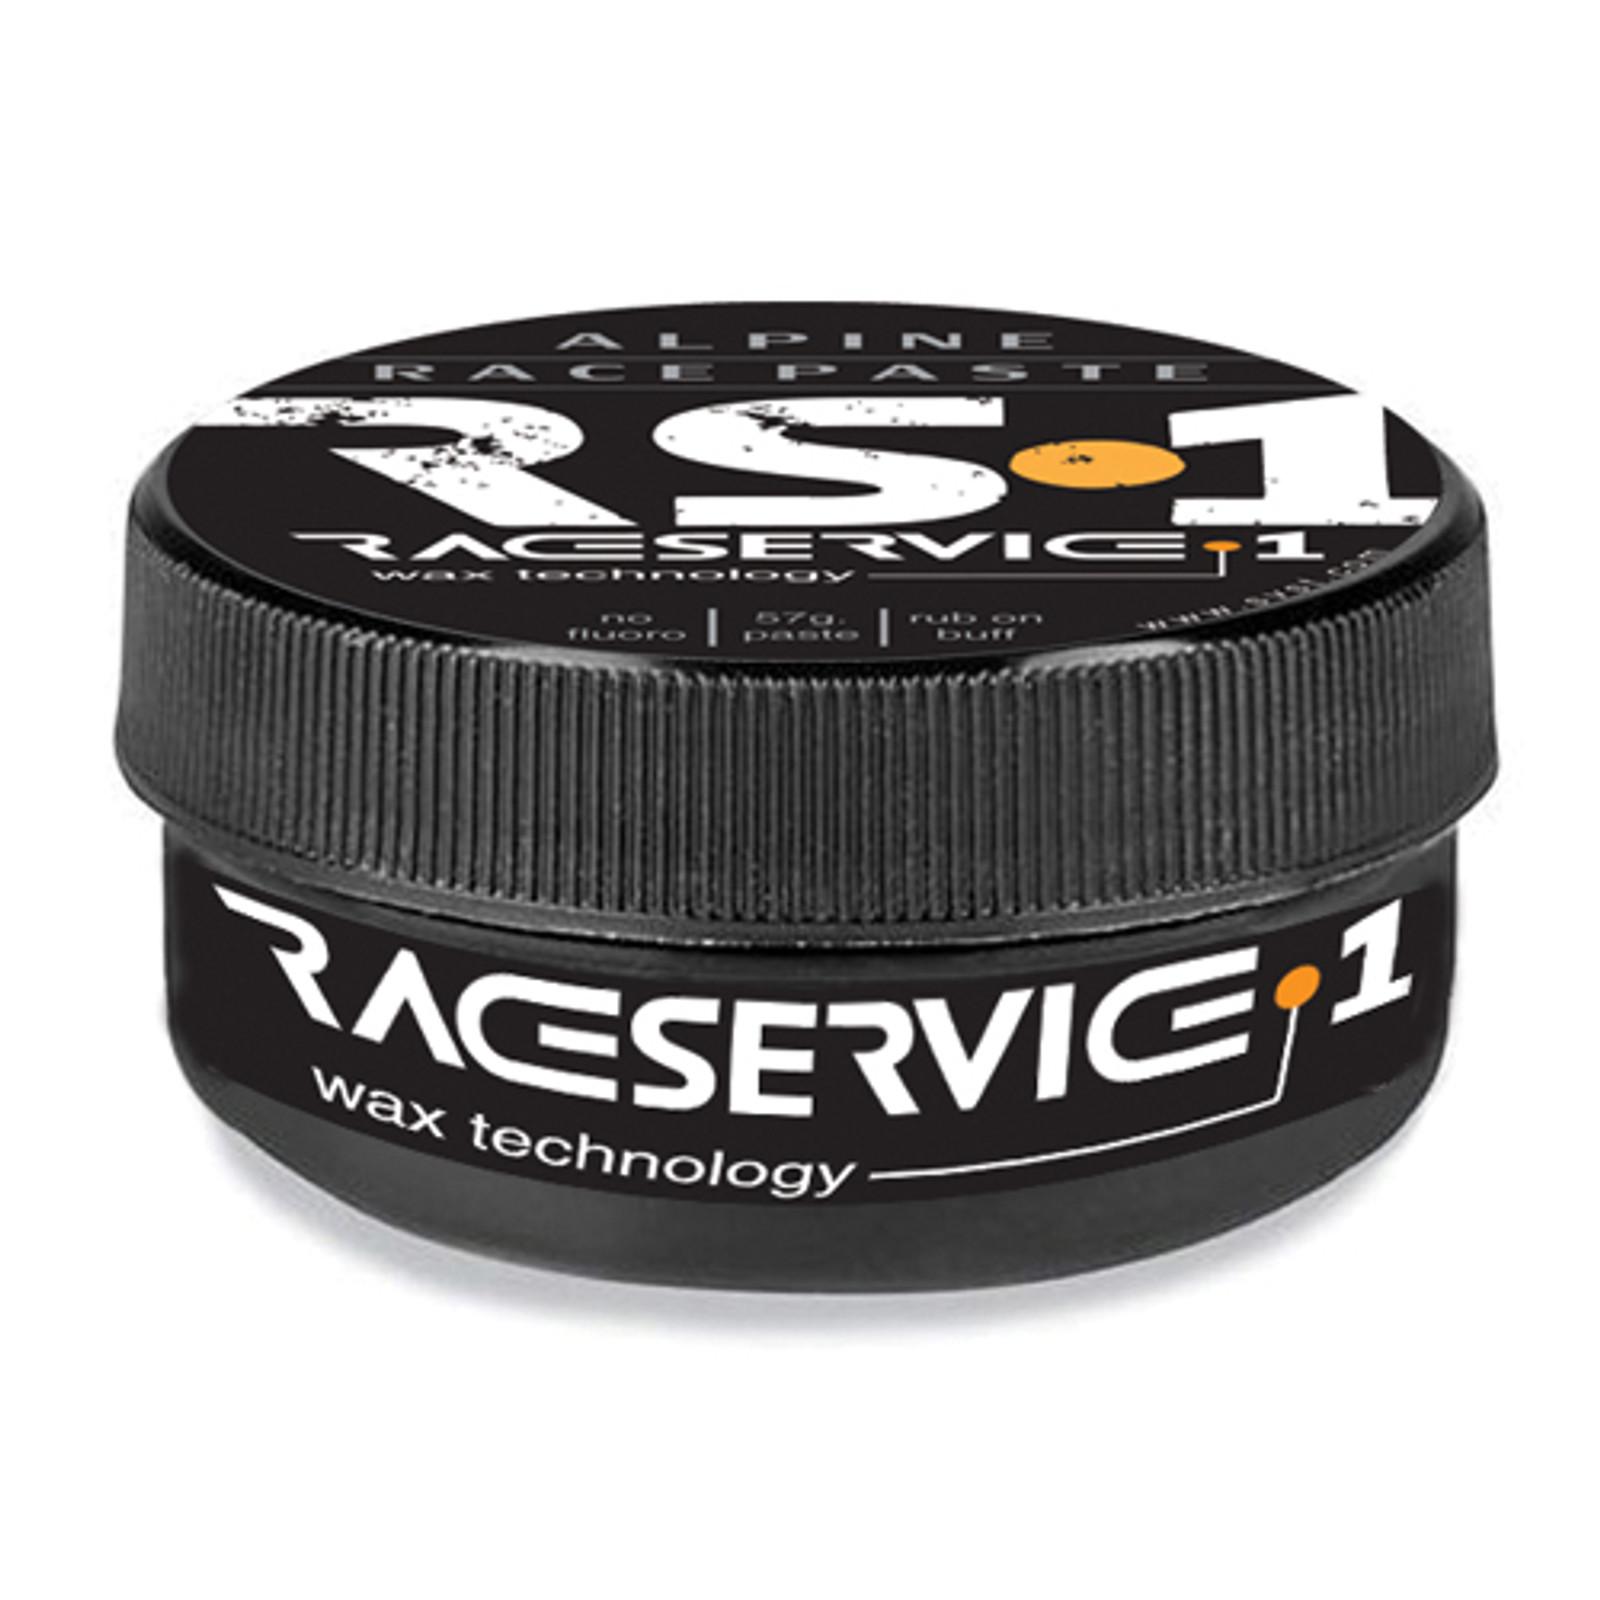 RaceService 1 Race Paste